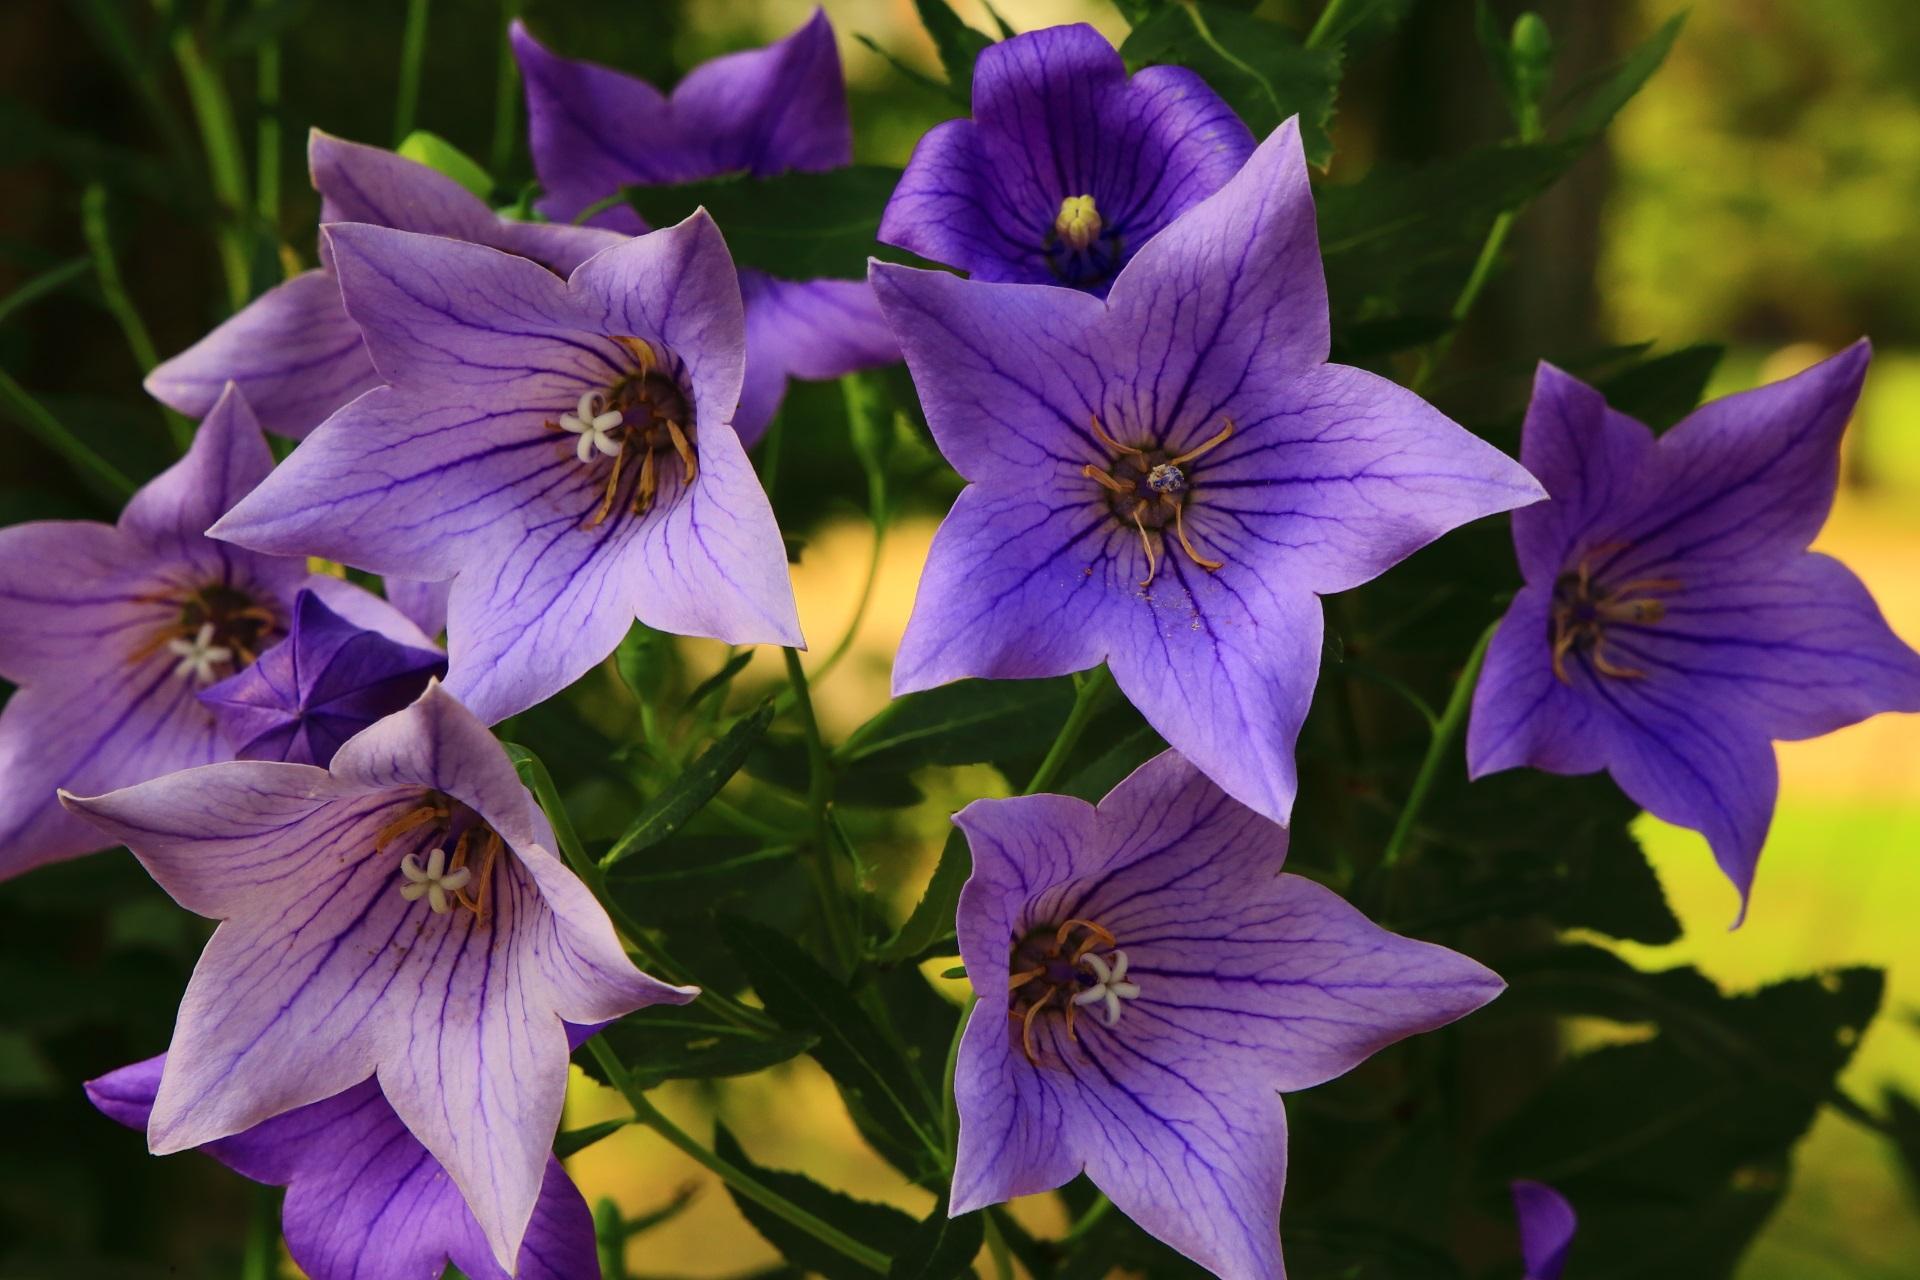 暑さにも負けず花びらをいっぱいに広げる智積院の桔梗の花